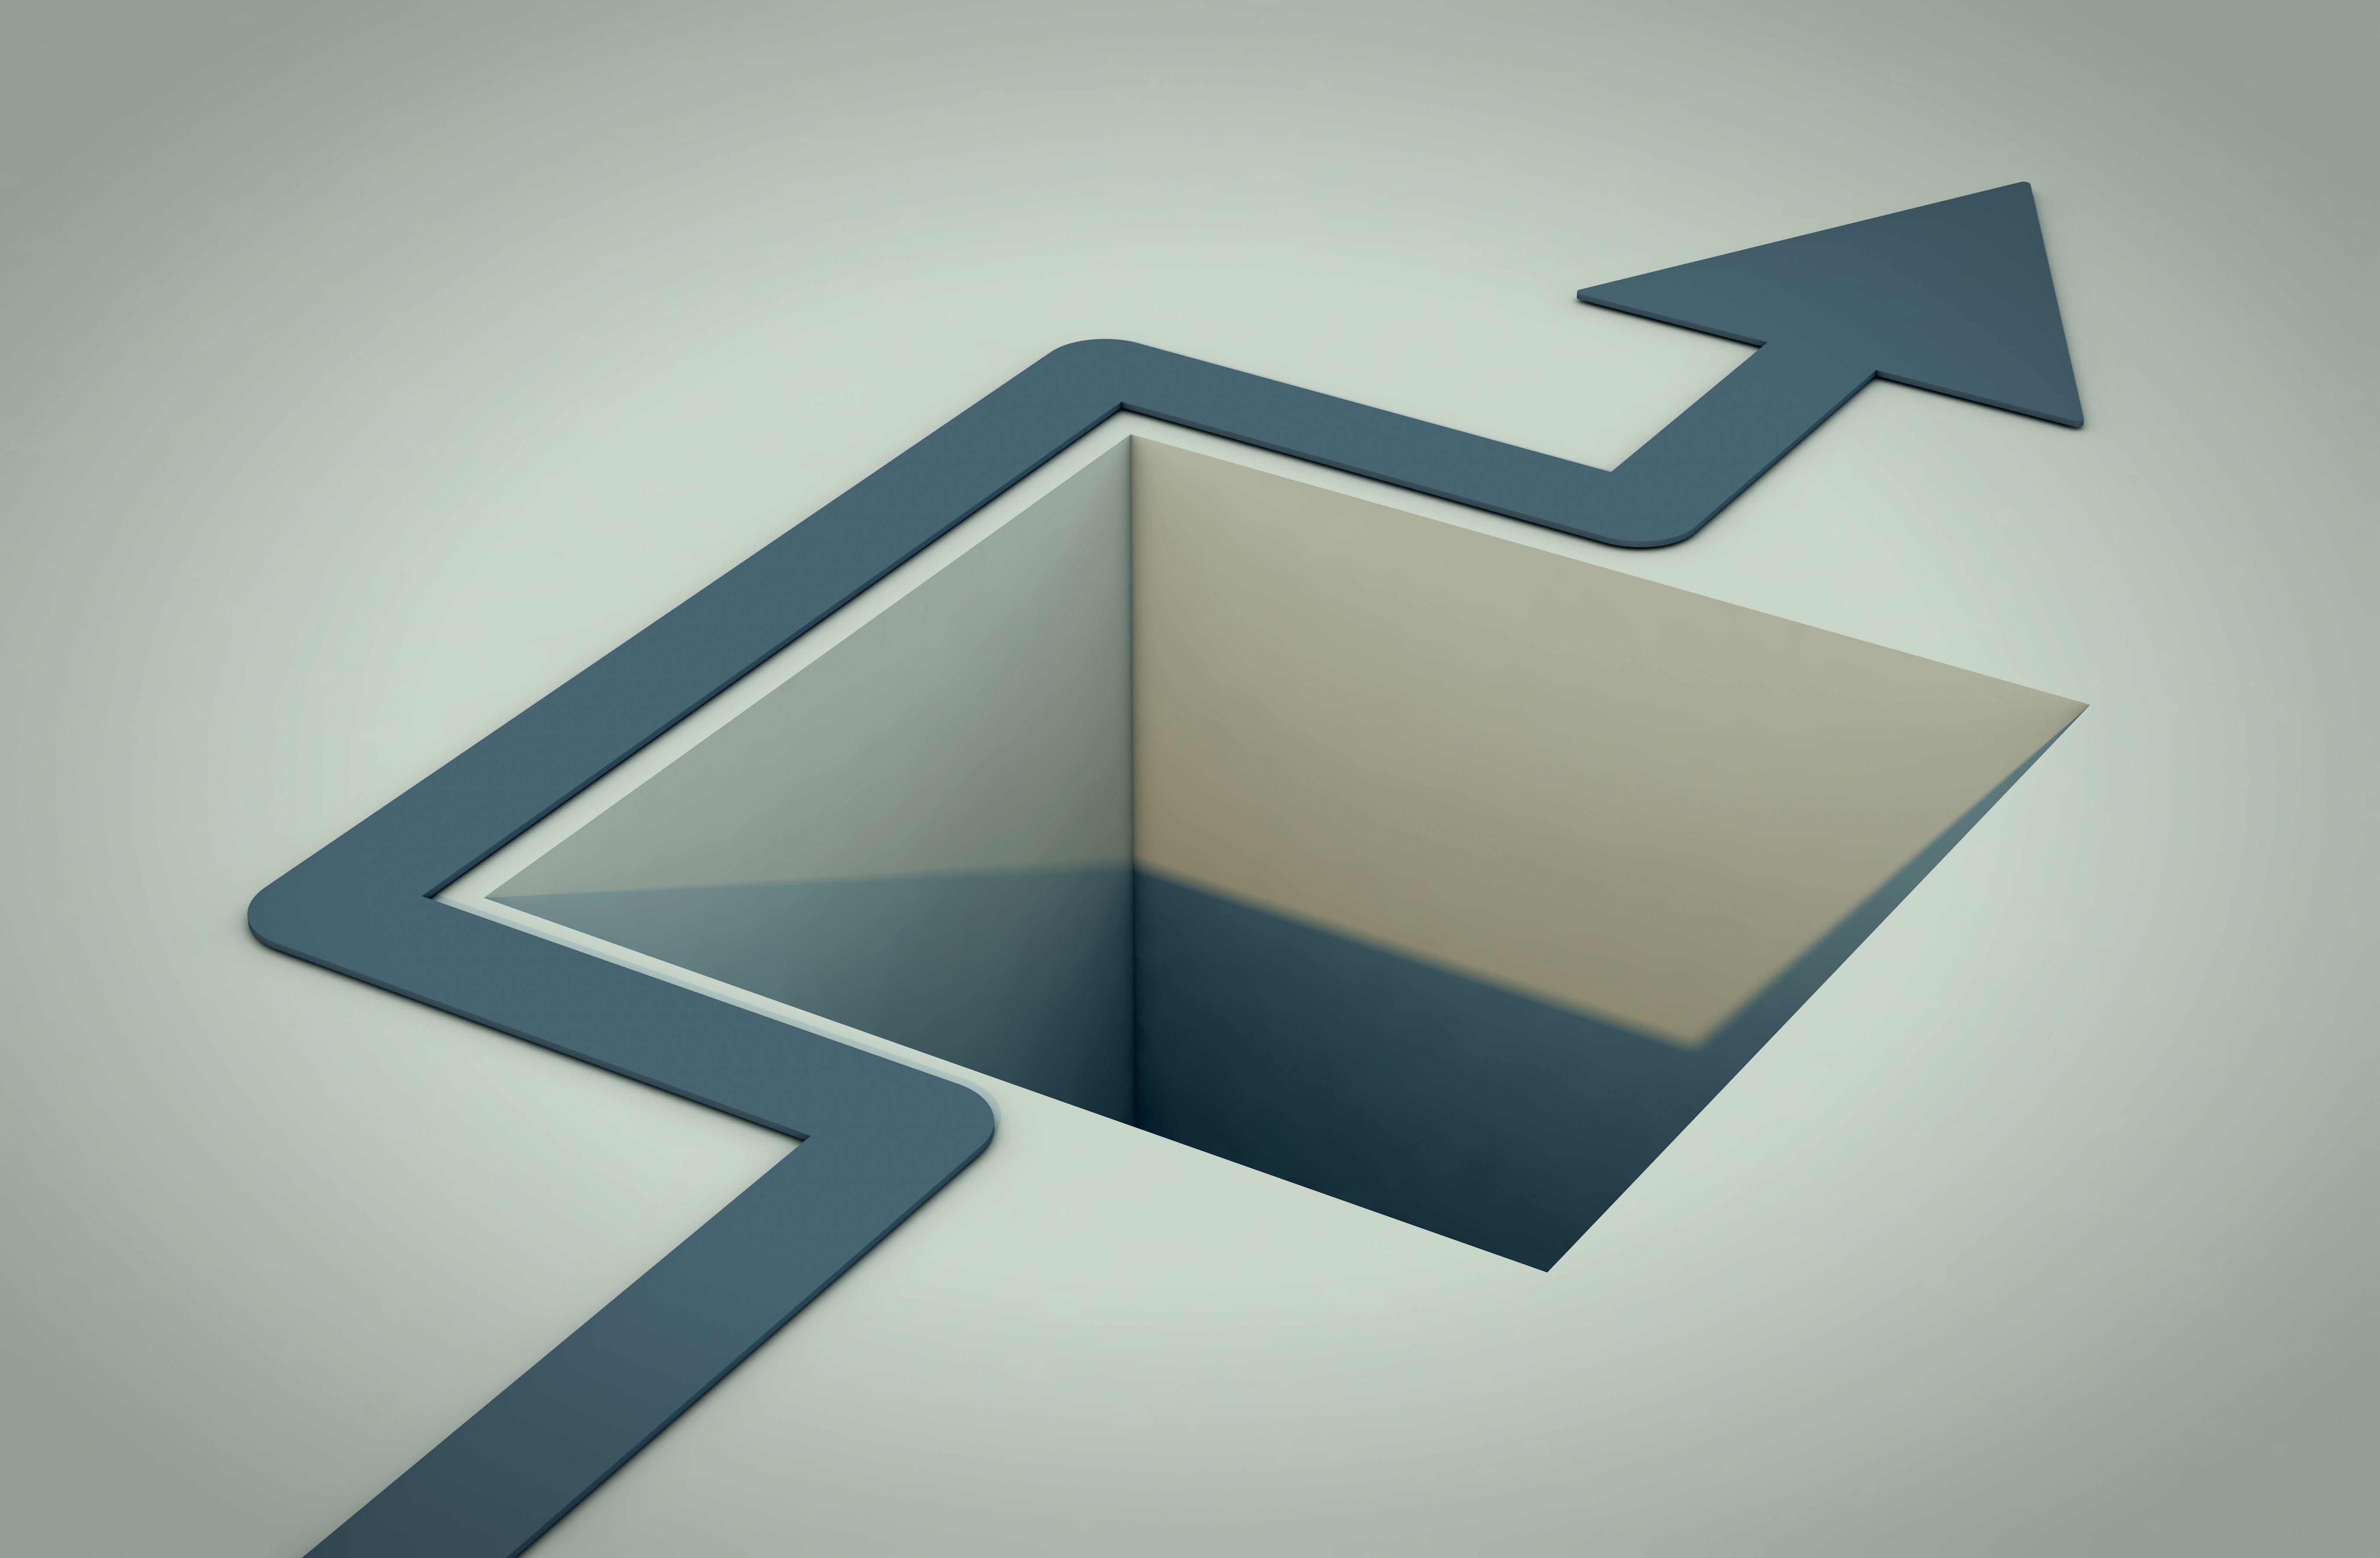 Tips for avoiding litigation